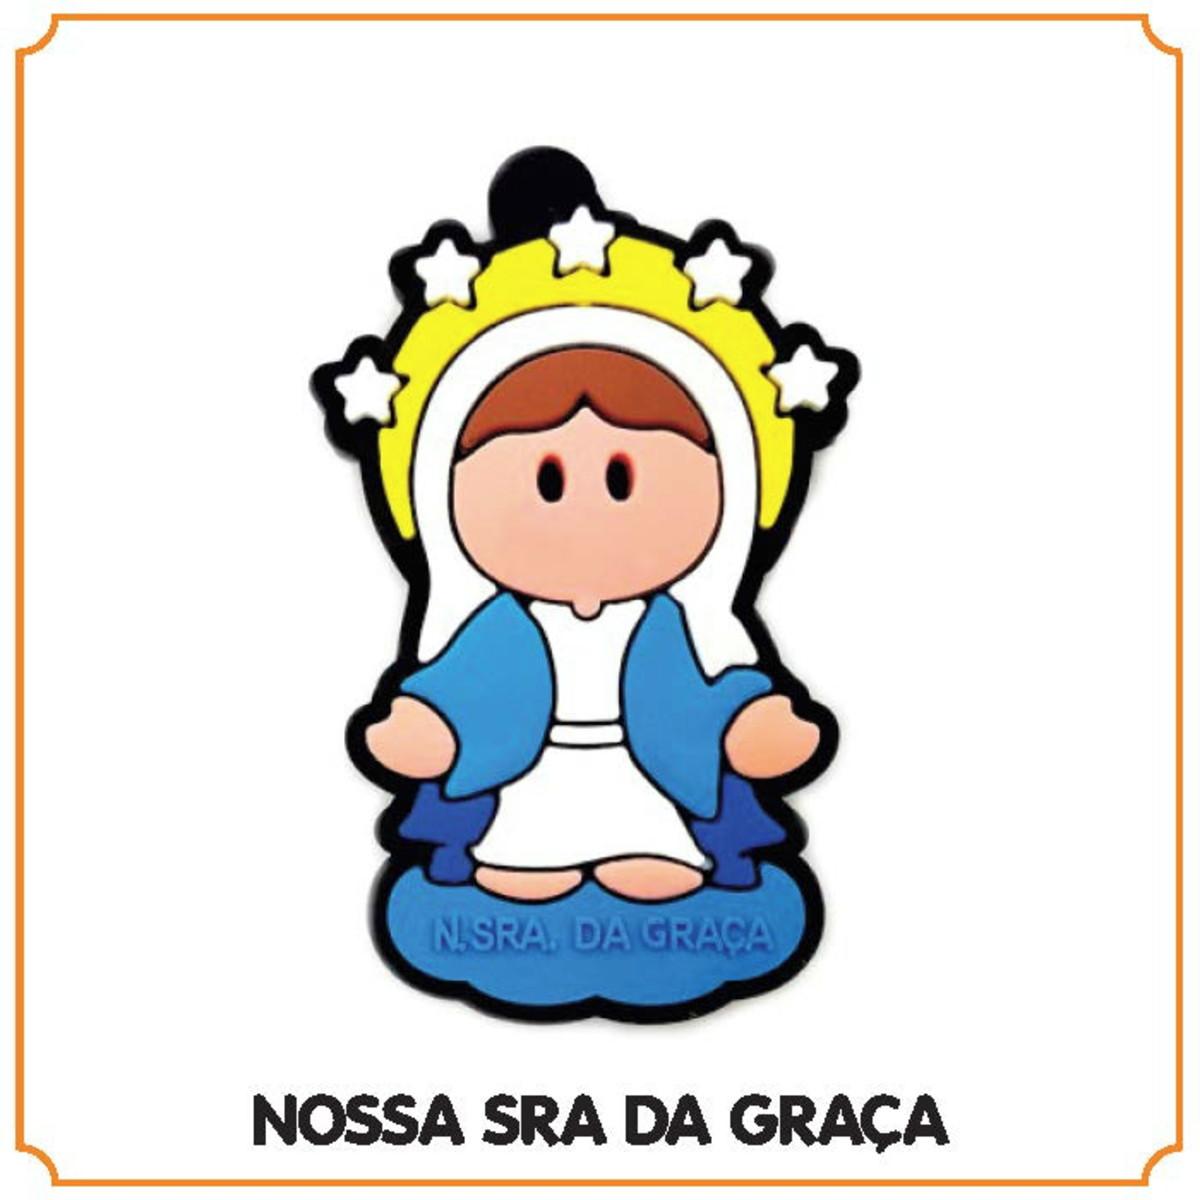 Chaveiro Religioso Nossa Senhora Da Graca No Elo7 Ghost